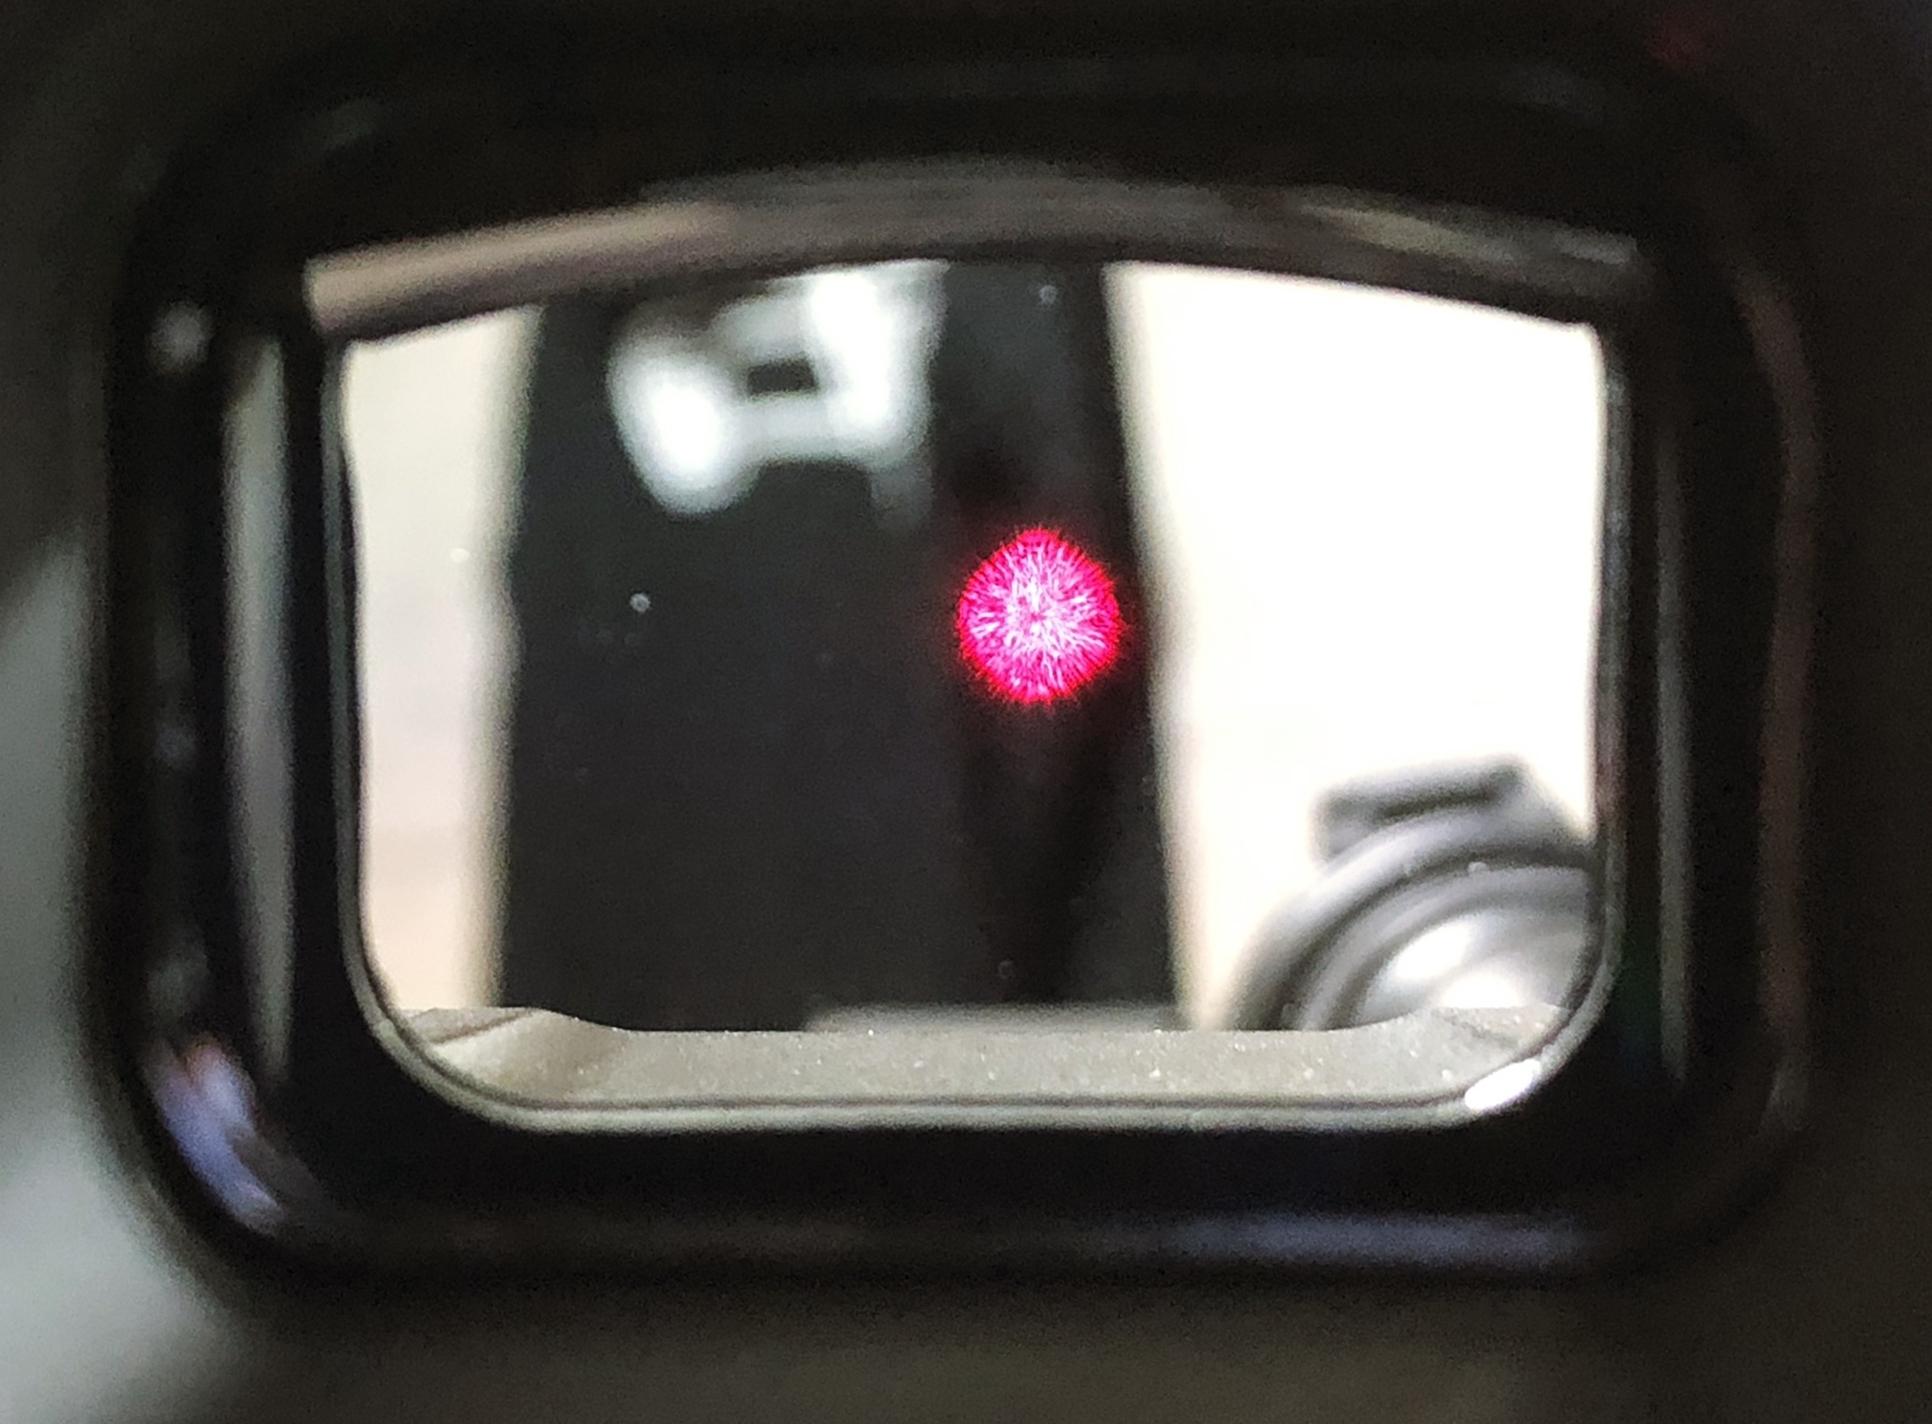 22 実物 EOTech XPS3-0 HOLOGRAPHIC SIGHT BLACK GET!! 次世代 M4 CQB-R カスタム 続編!! イオテック ホロサイト 購入 取付 レビュー!!